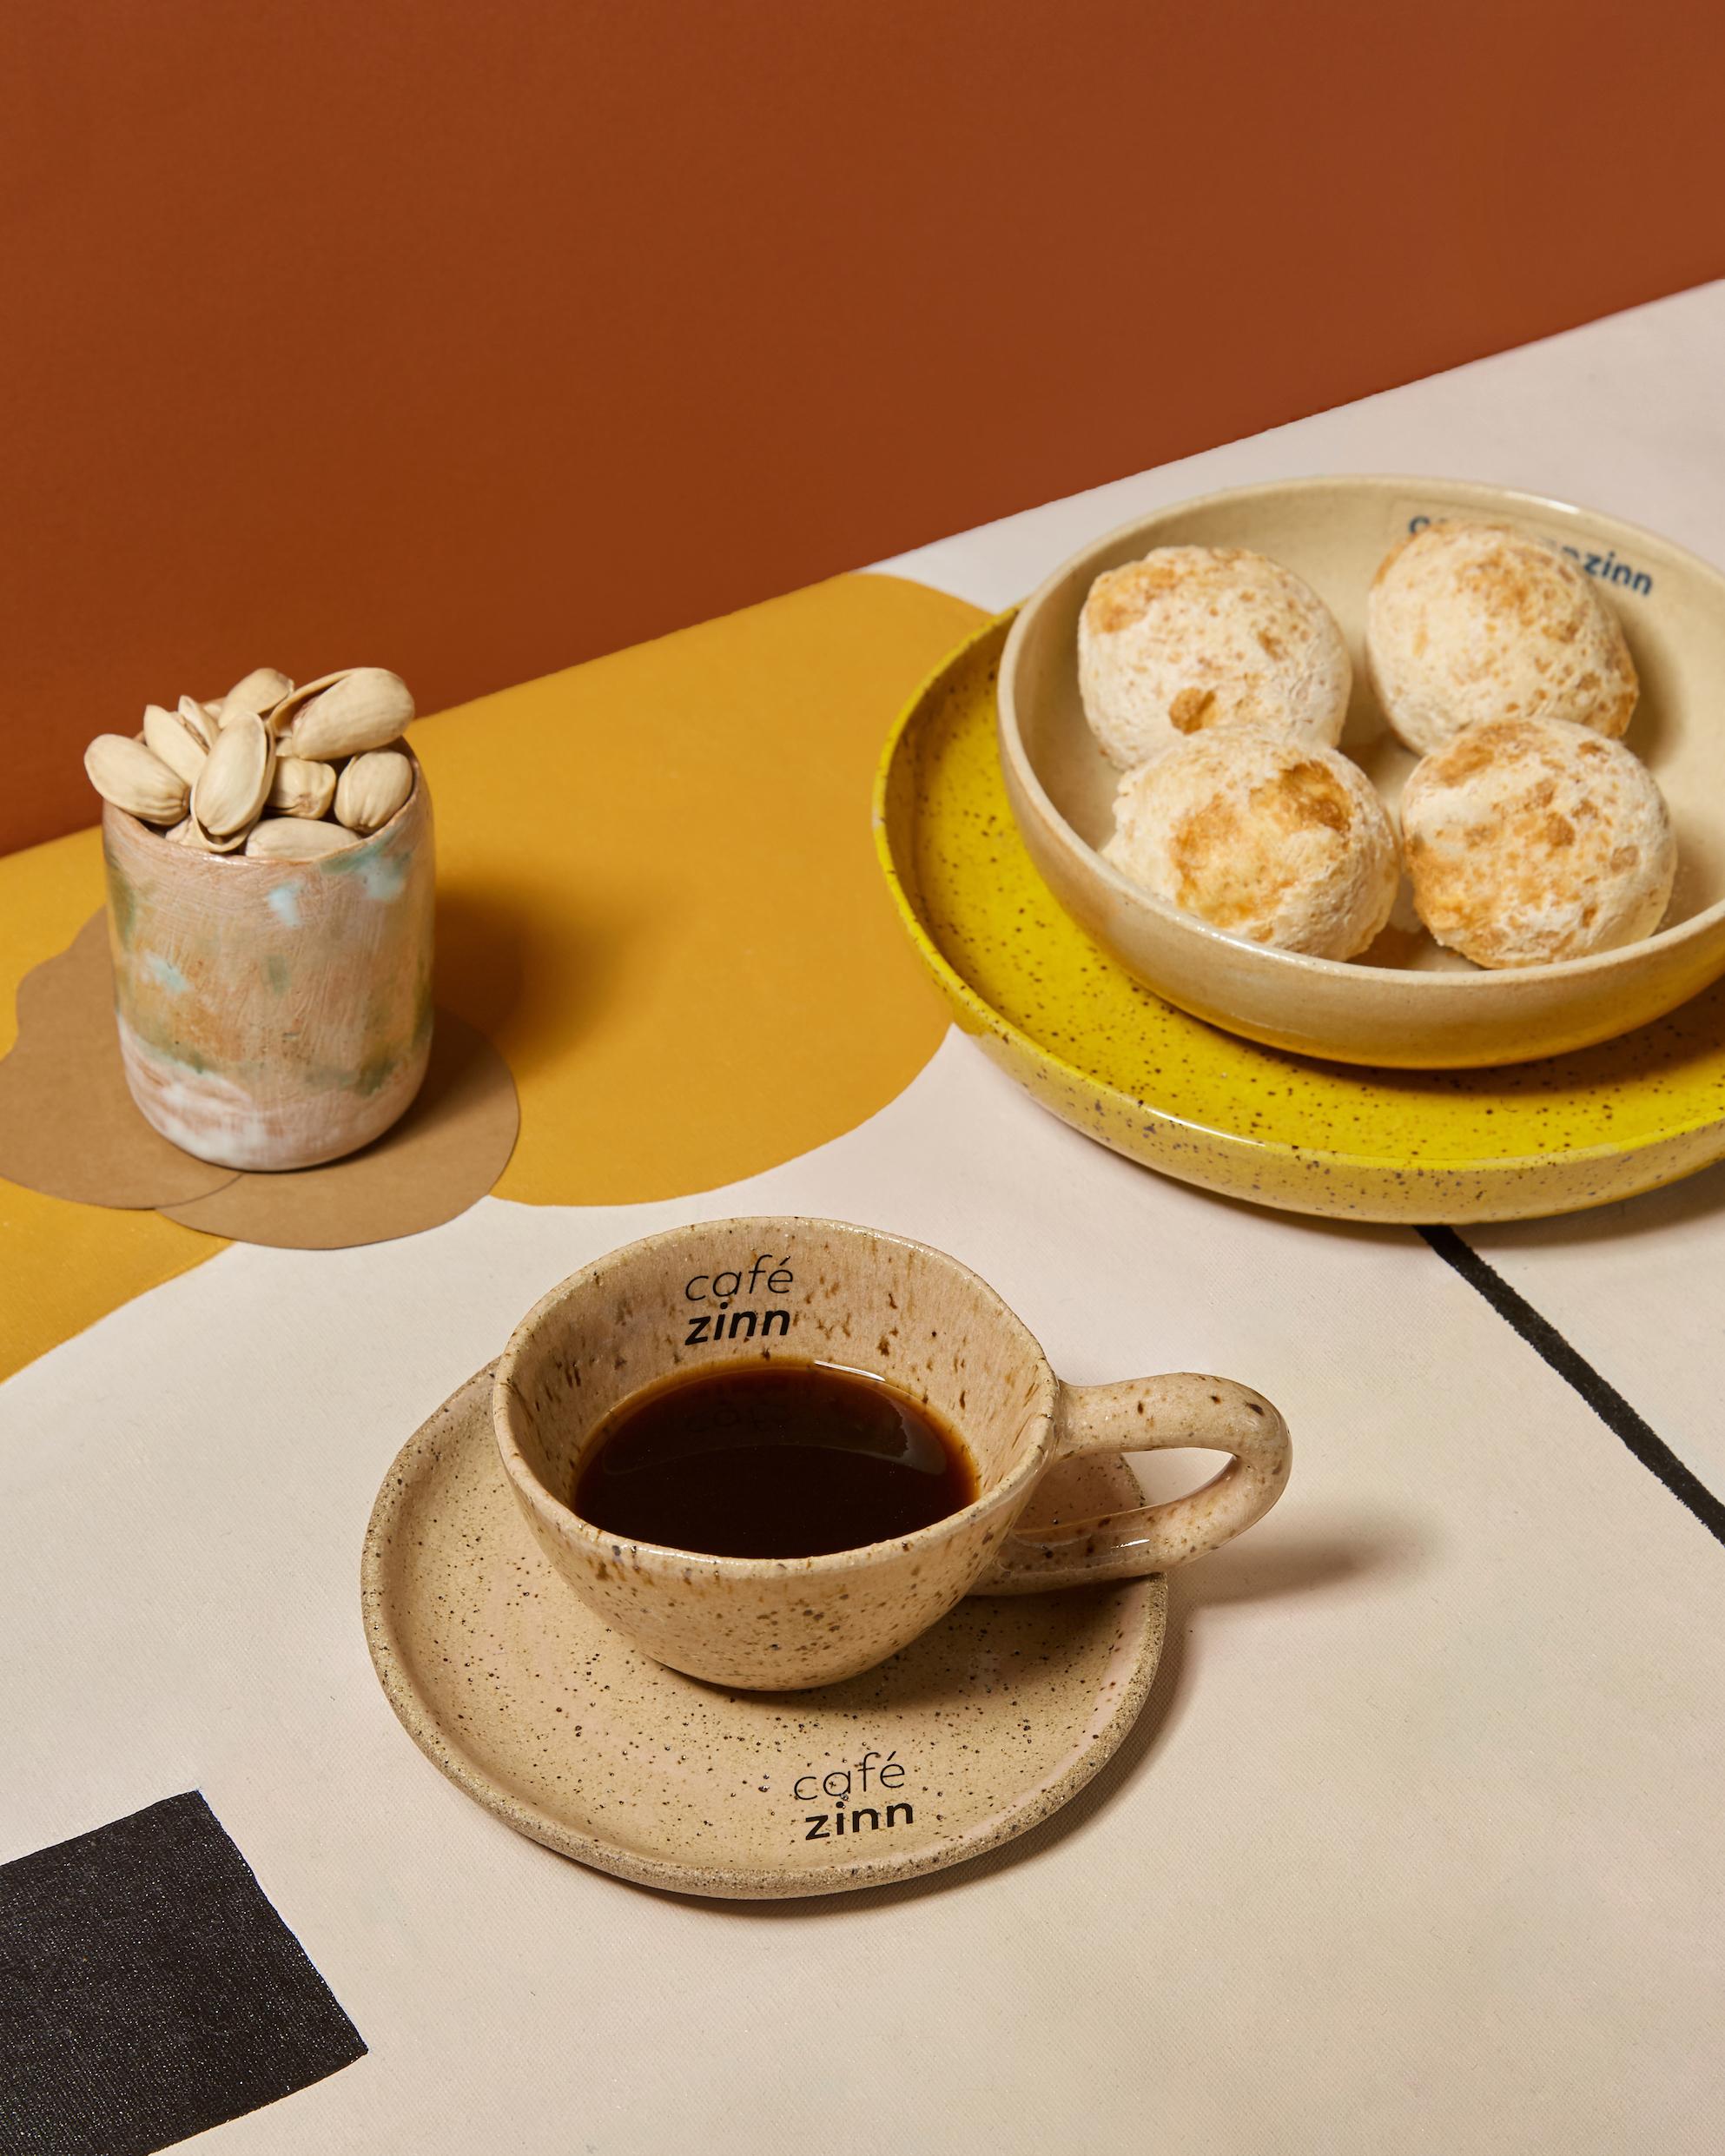 Cafe-Zinn_Cafe-e-pao-de-queijo_Credito-Giovanna-Gebrim